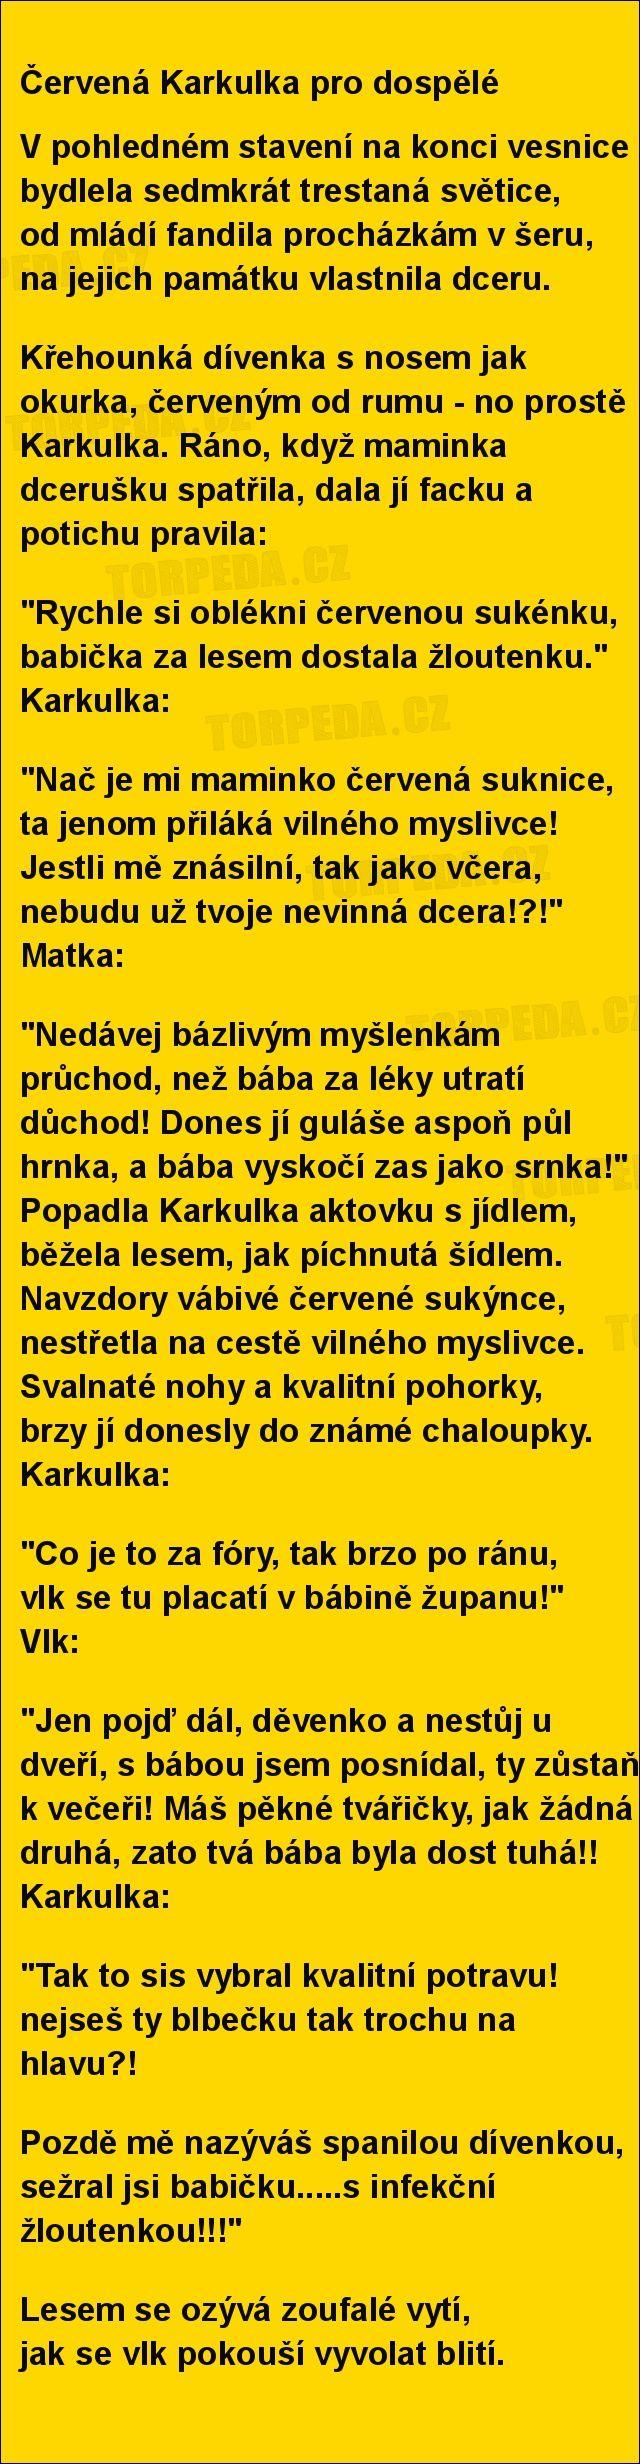 Uložit ke spánku přečtu van pohádku... | torpeda.cz - vtipné obrázky, vtipy a videa